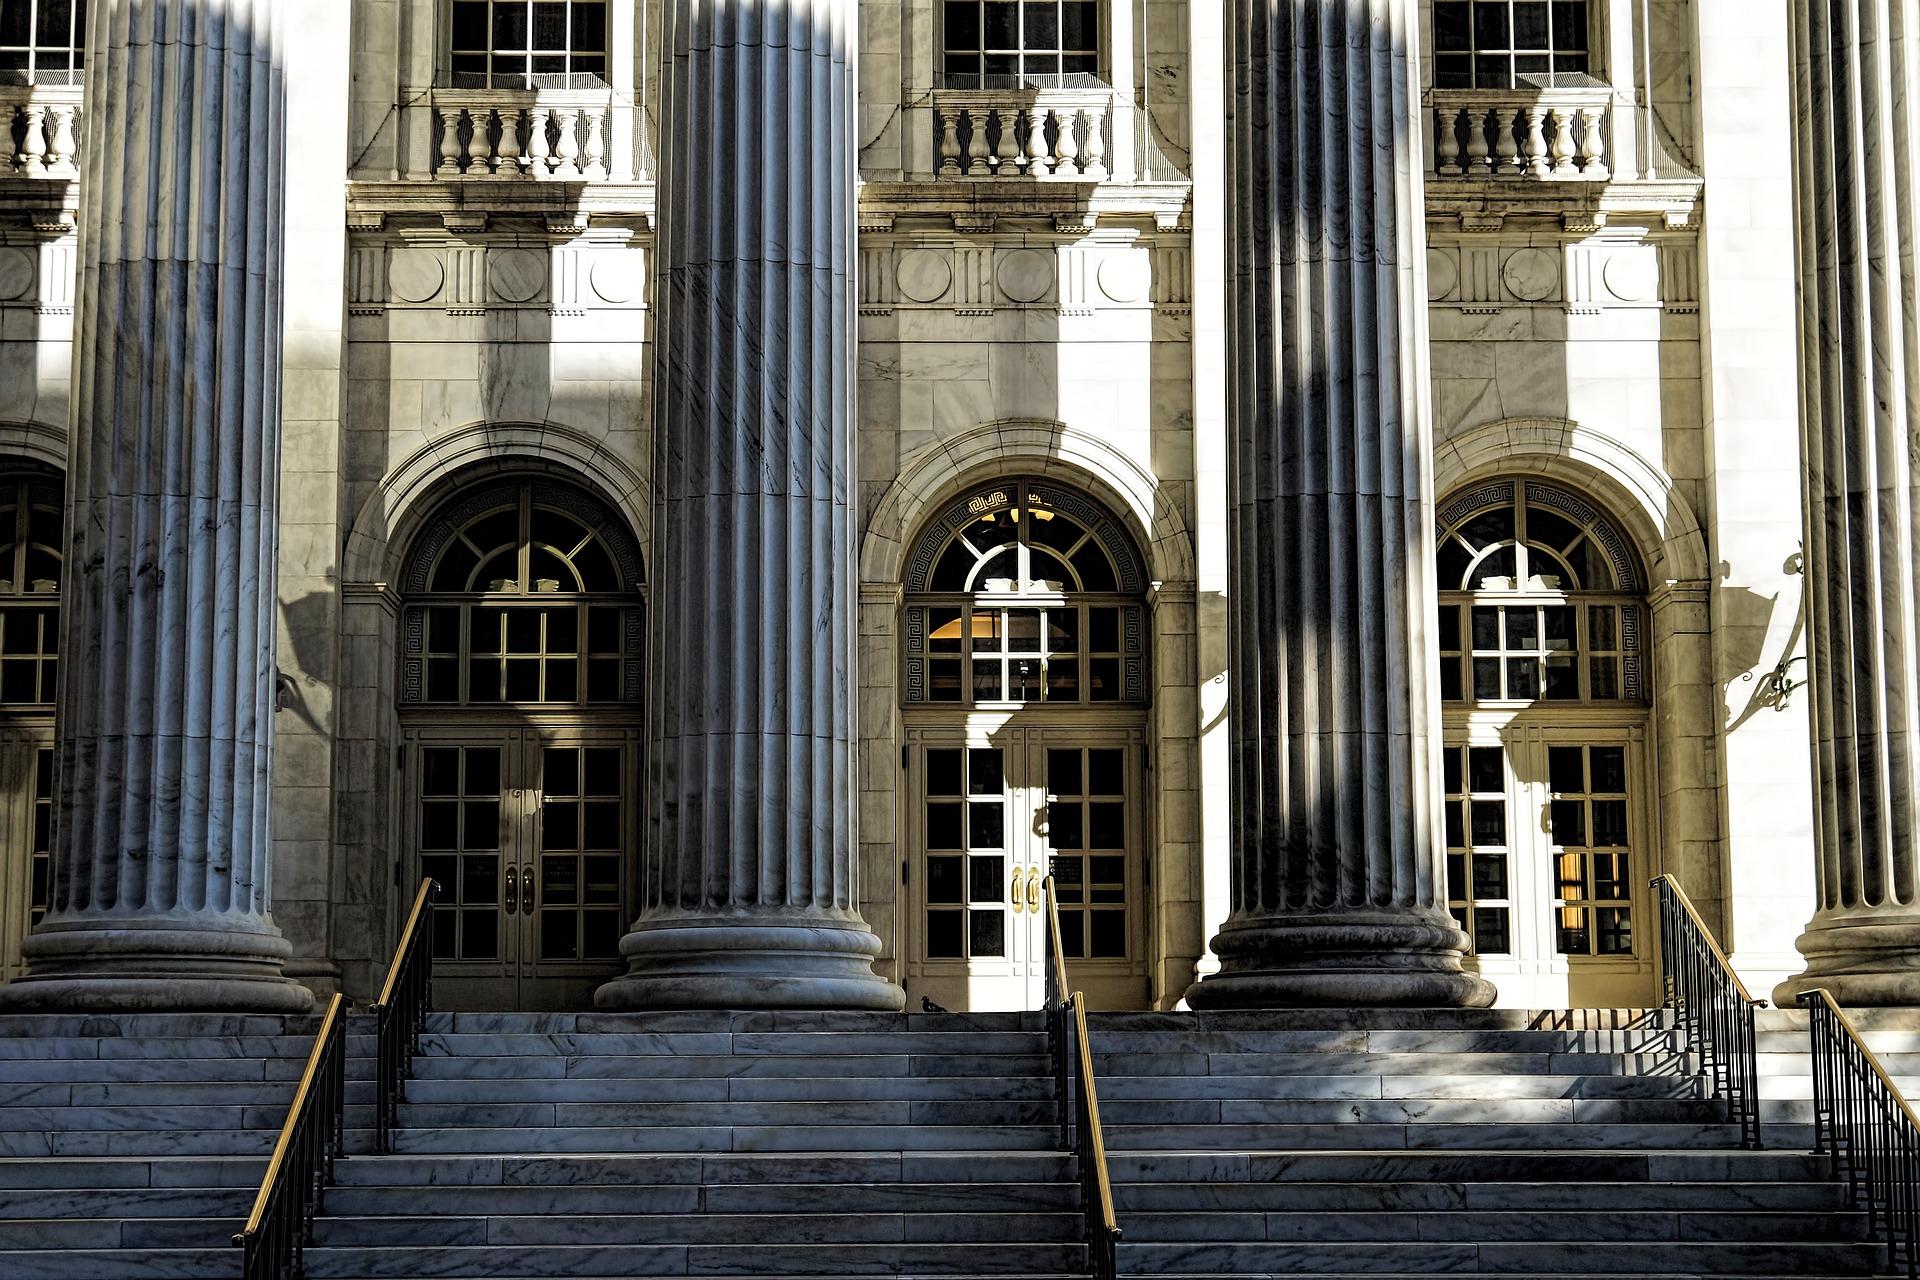 Stanford put on defensive over assault prevention efforts